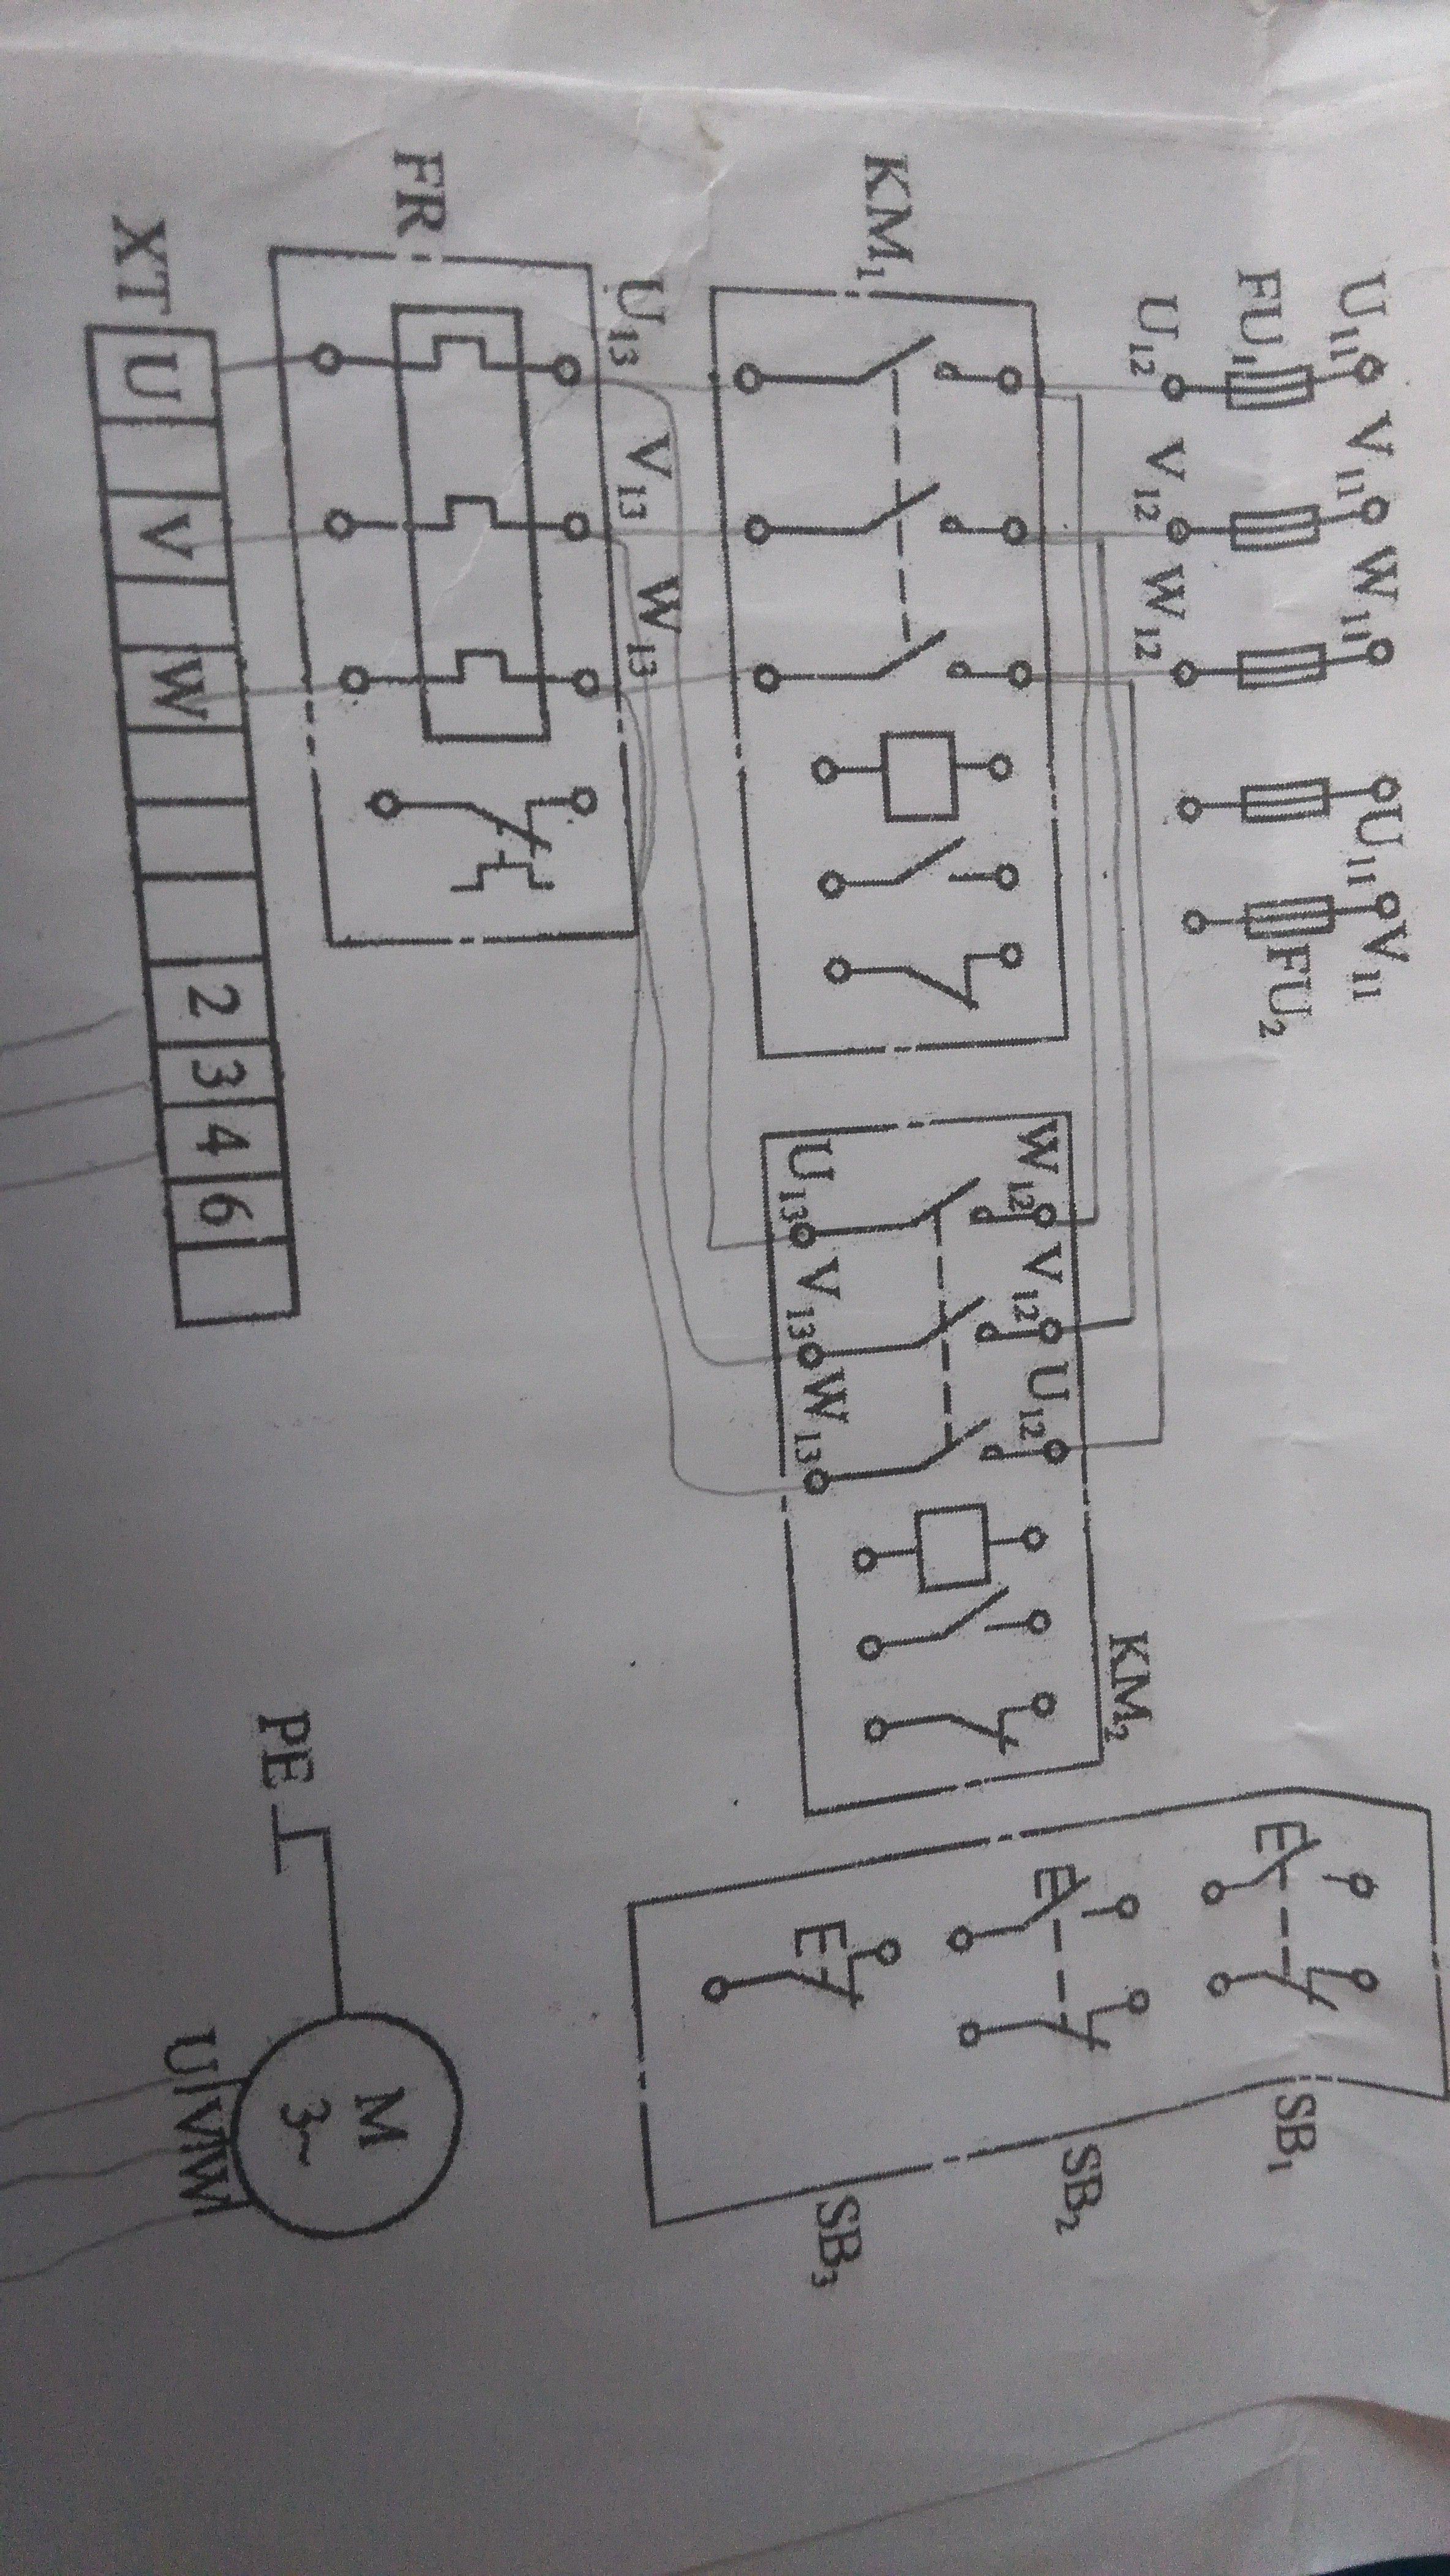 三项异步电动机正反转电路接线图接法